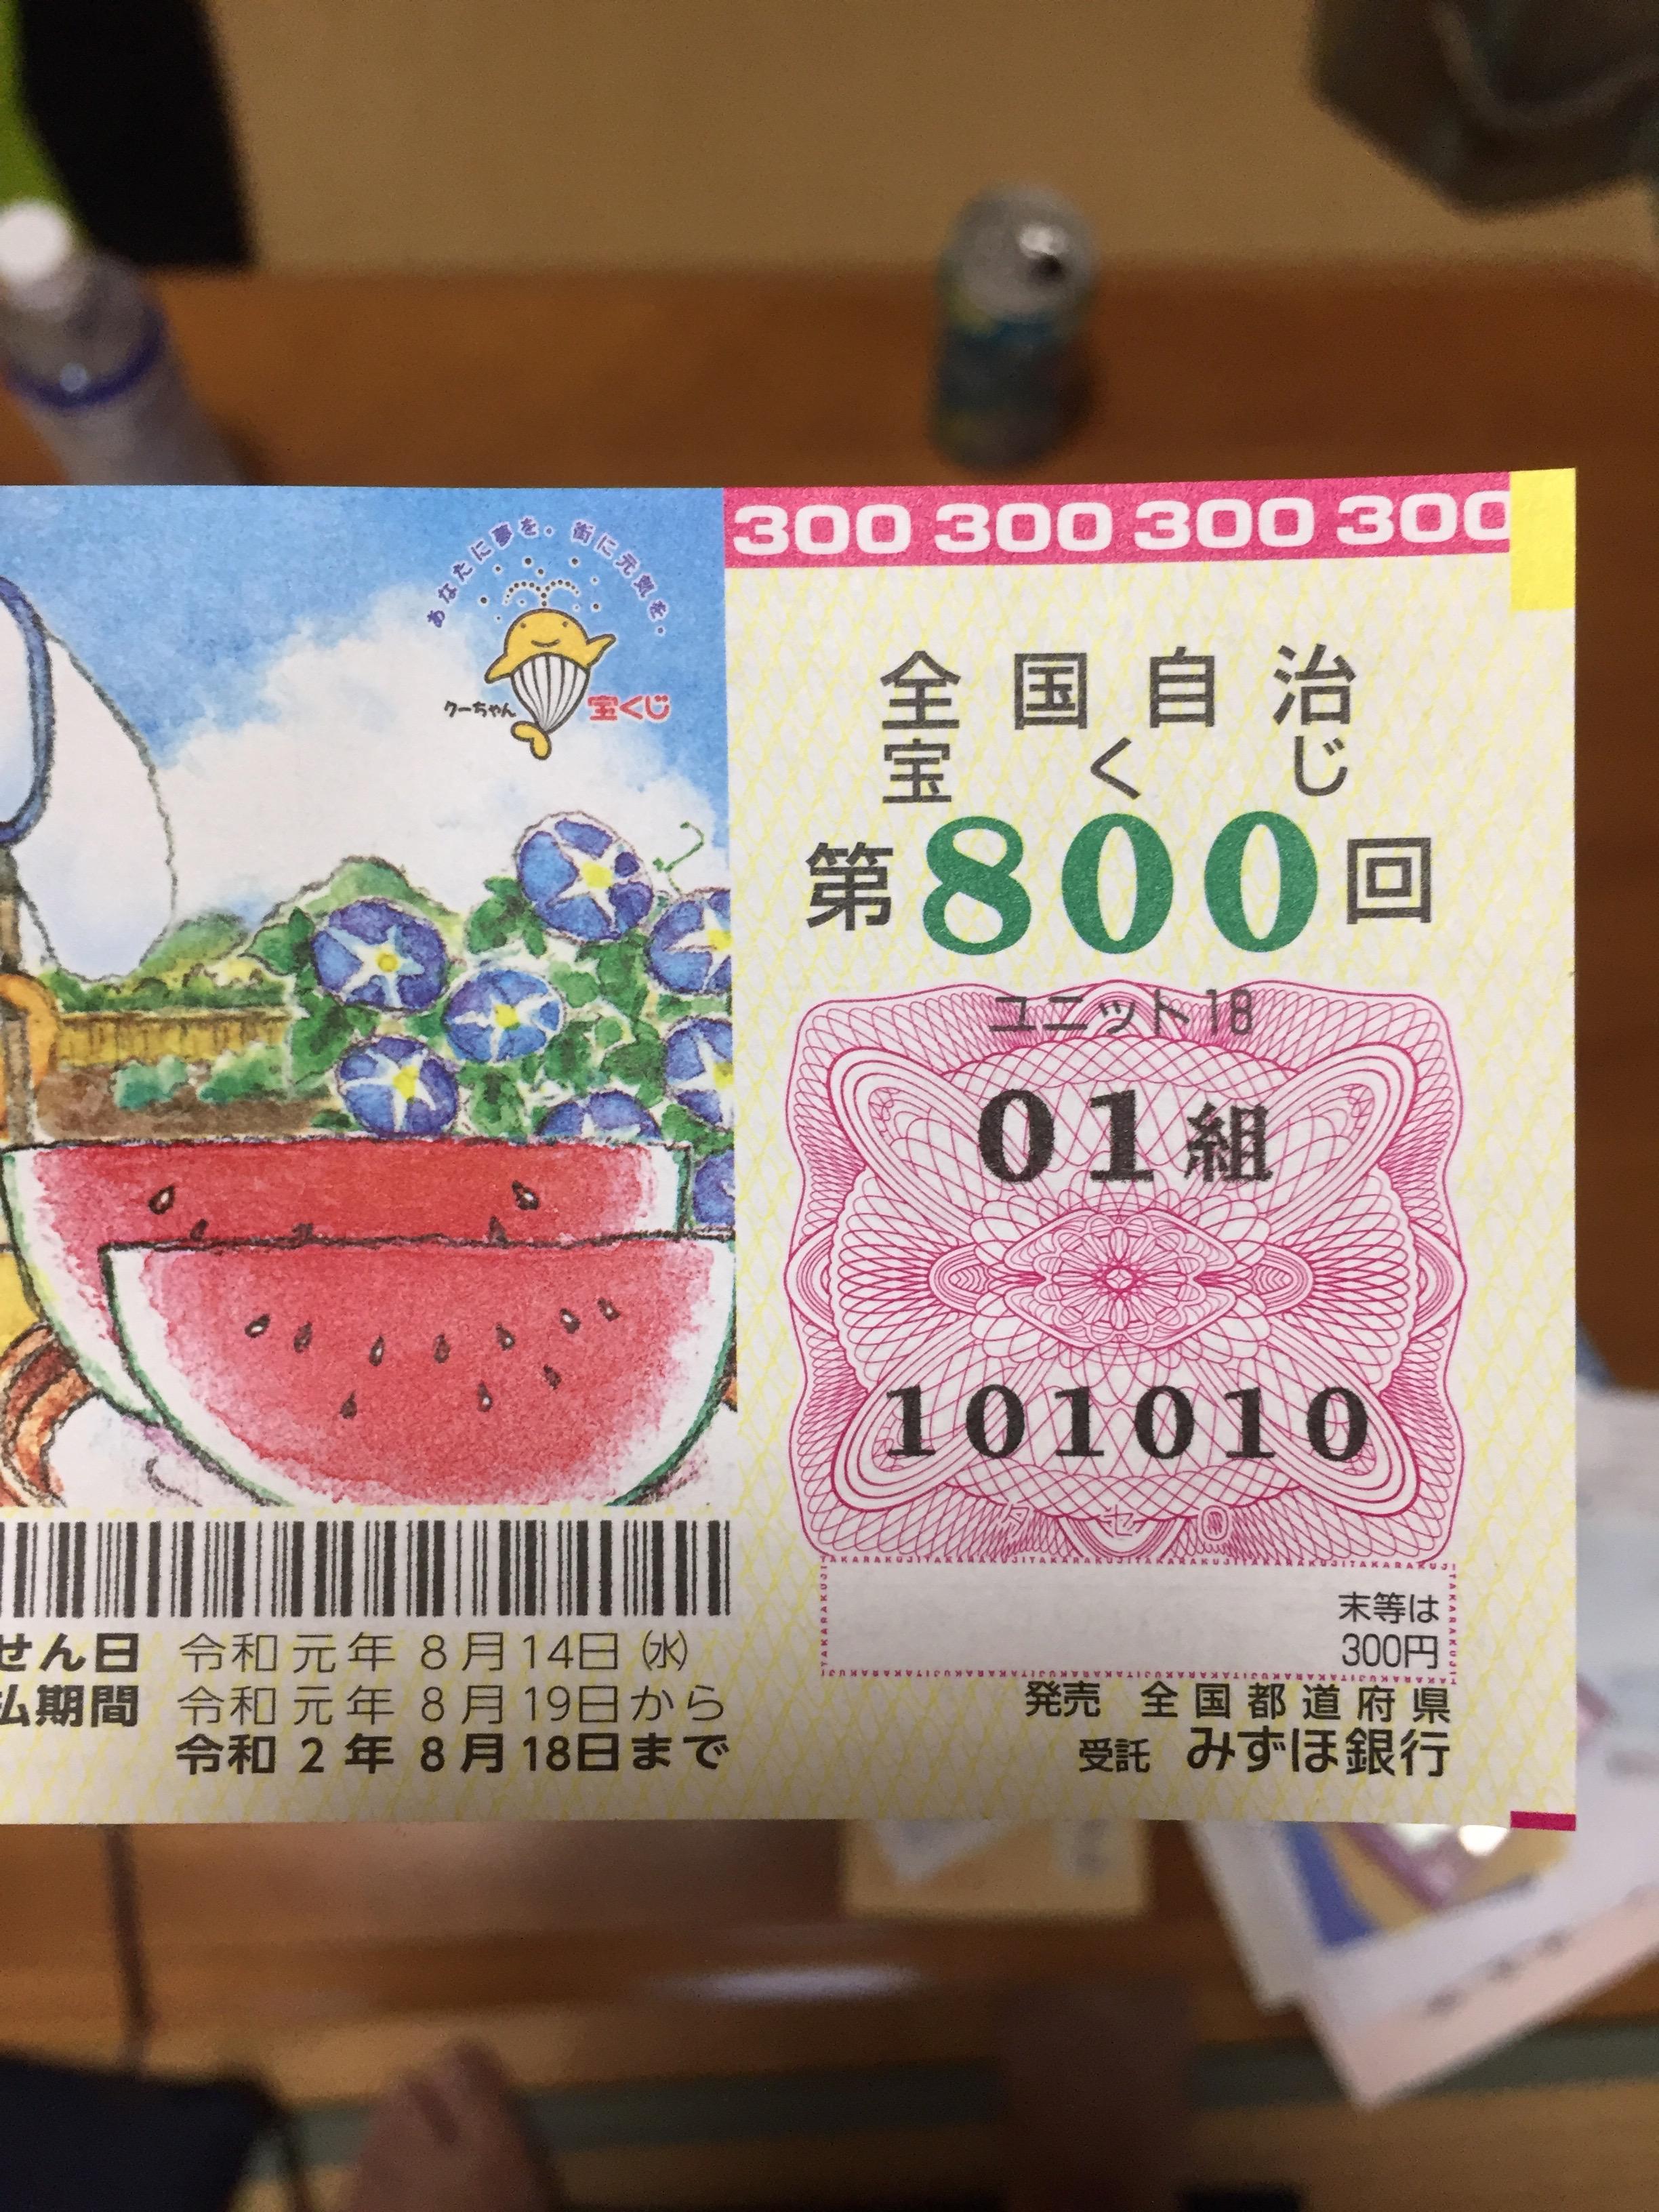 【夏休み特別企画】宝くじで「高額当選」すると支払いの時にこうなります